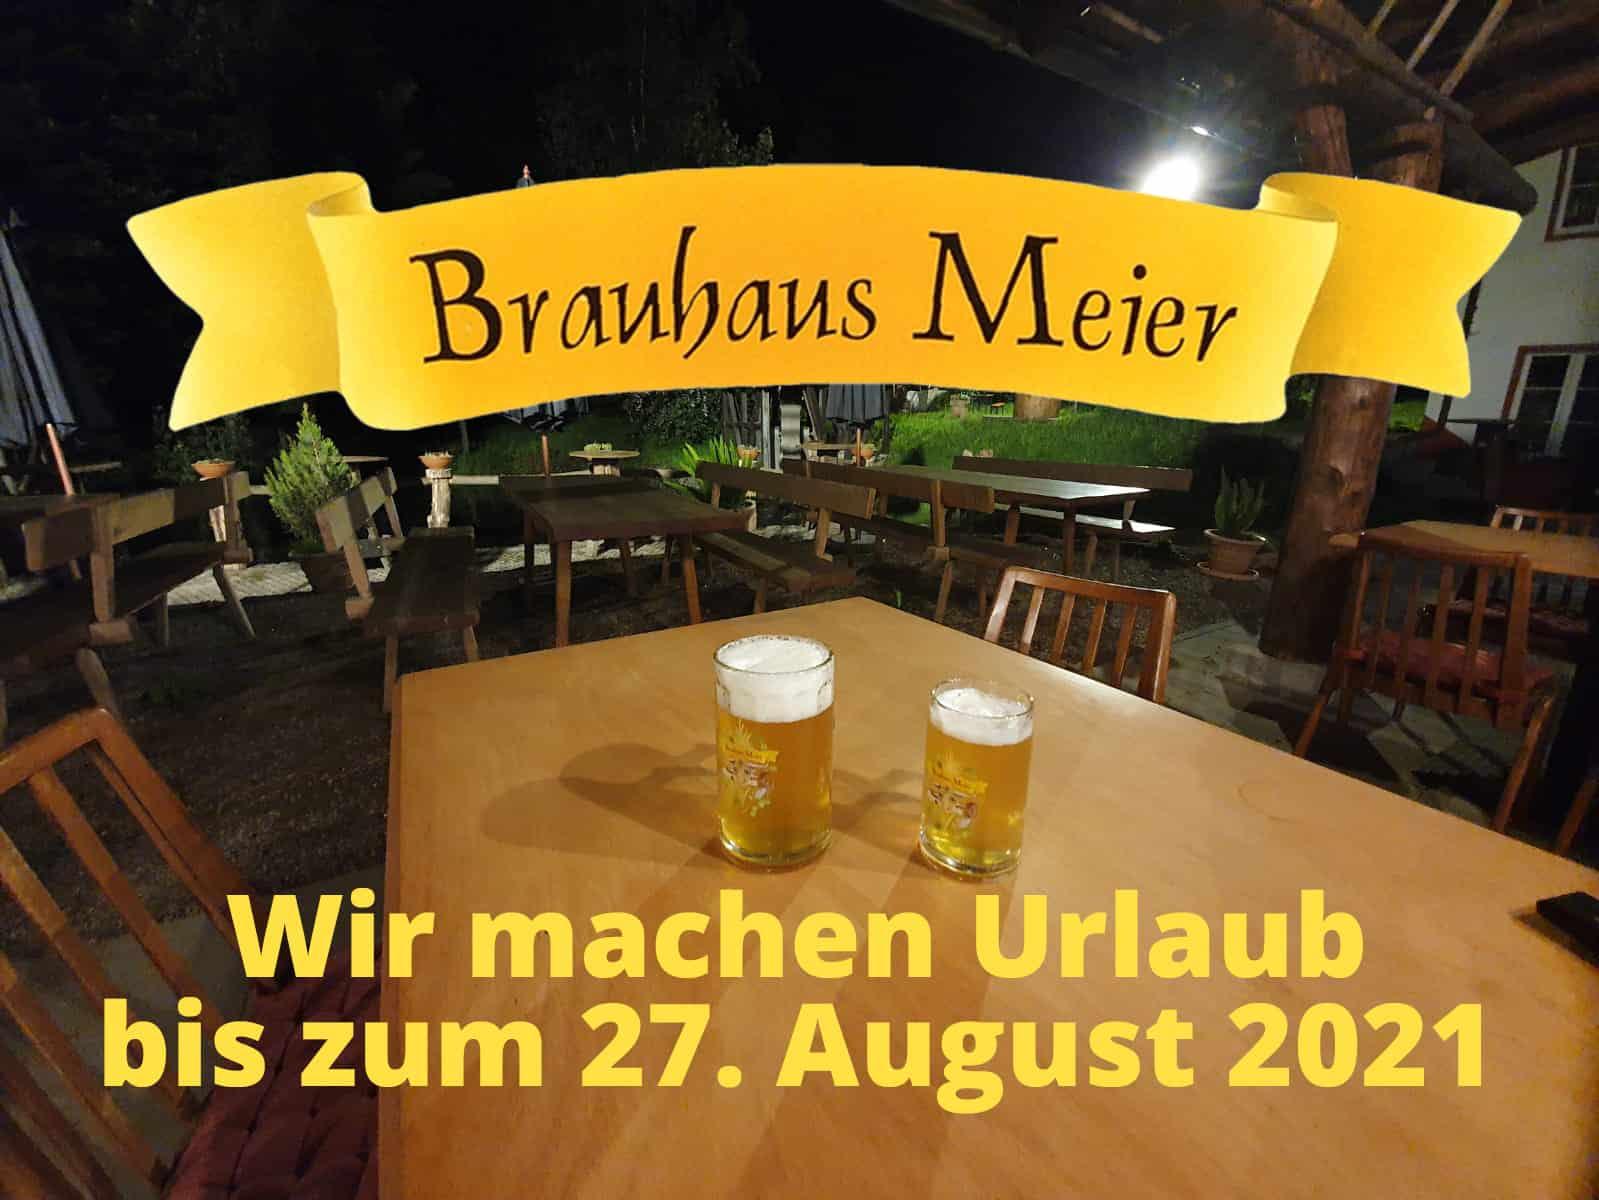 Urlaub bis 27. August 2021